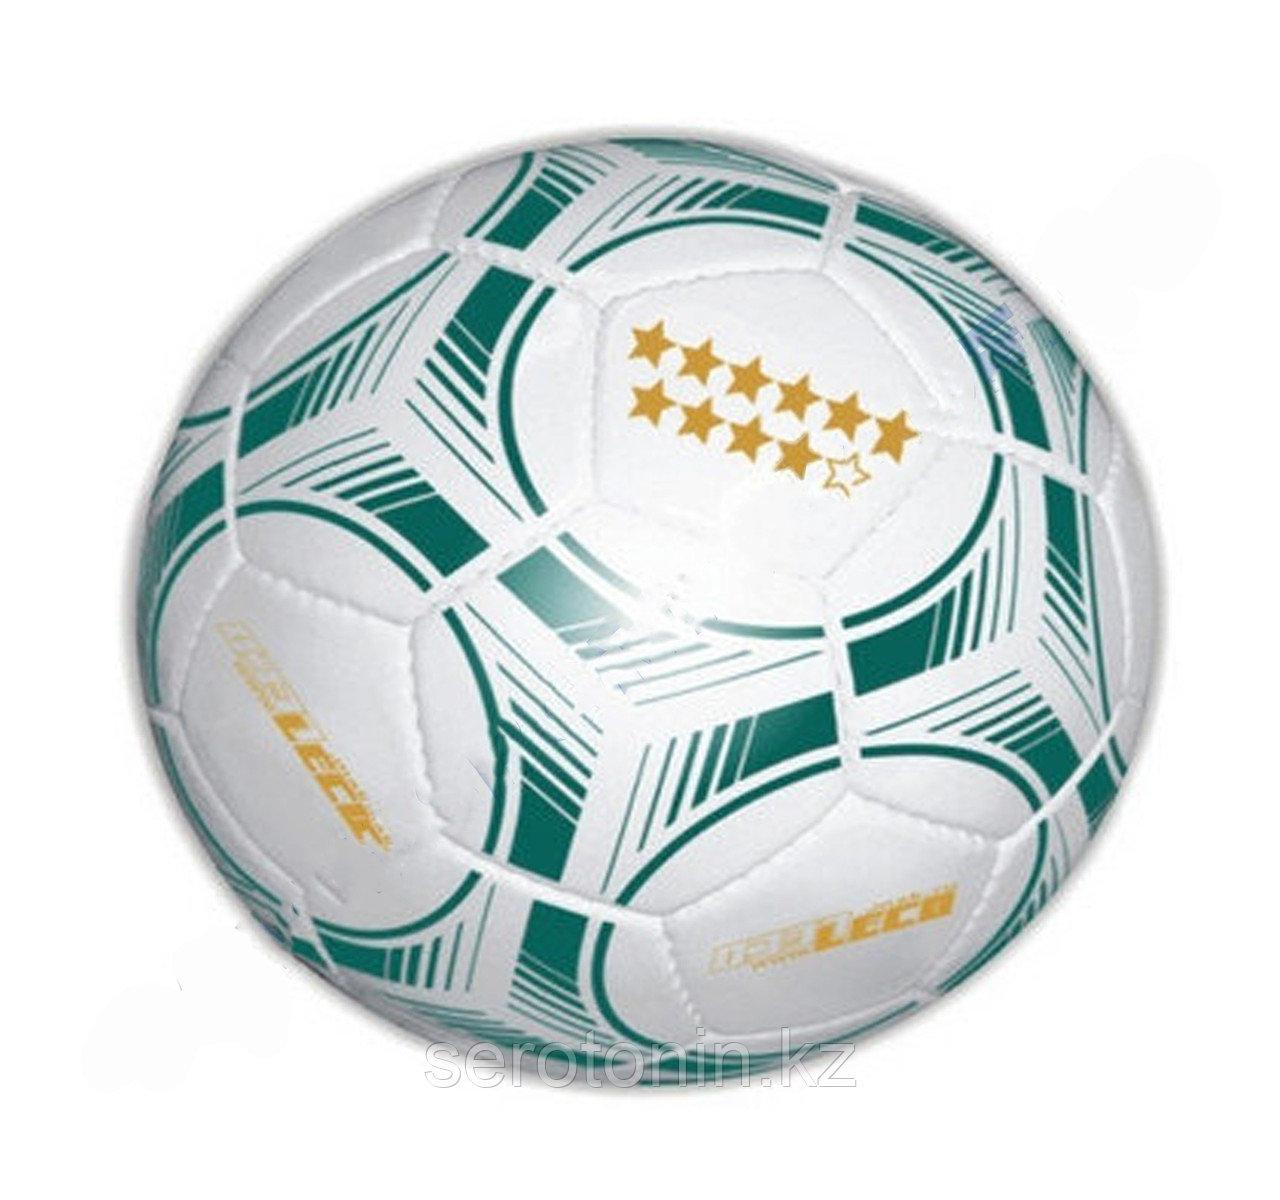 Мяч футбольный 10 звезд Россия